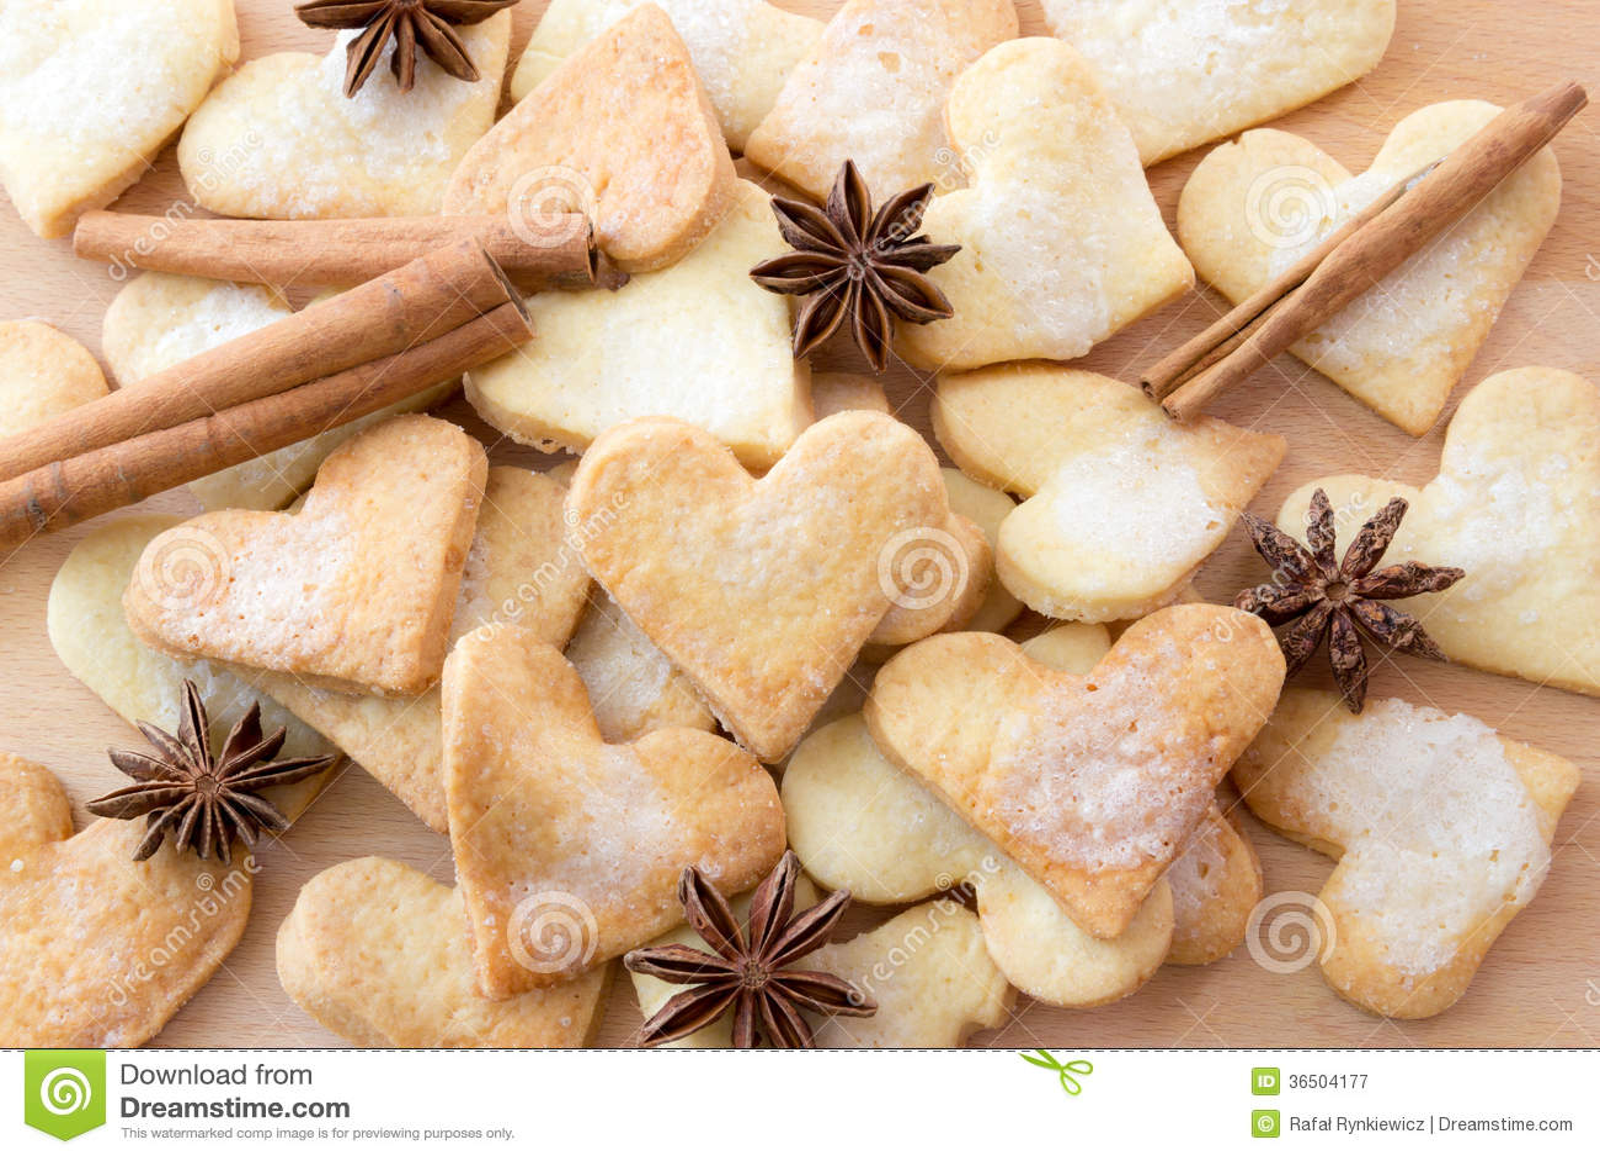 Biscuits de sucre formés par amoureux